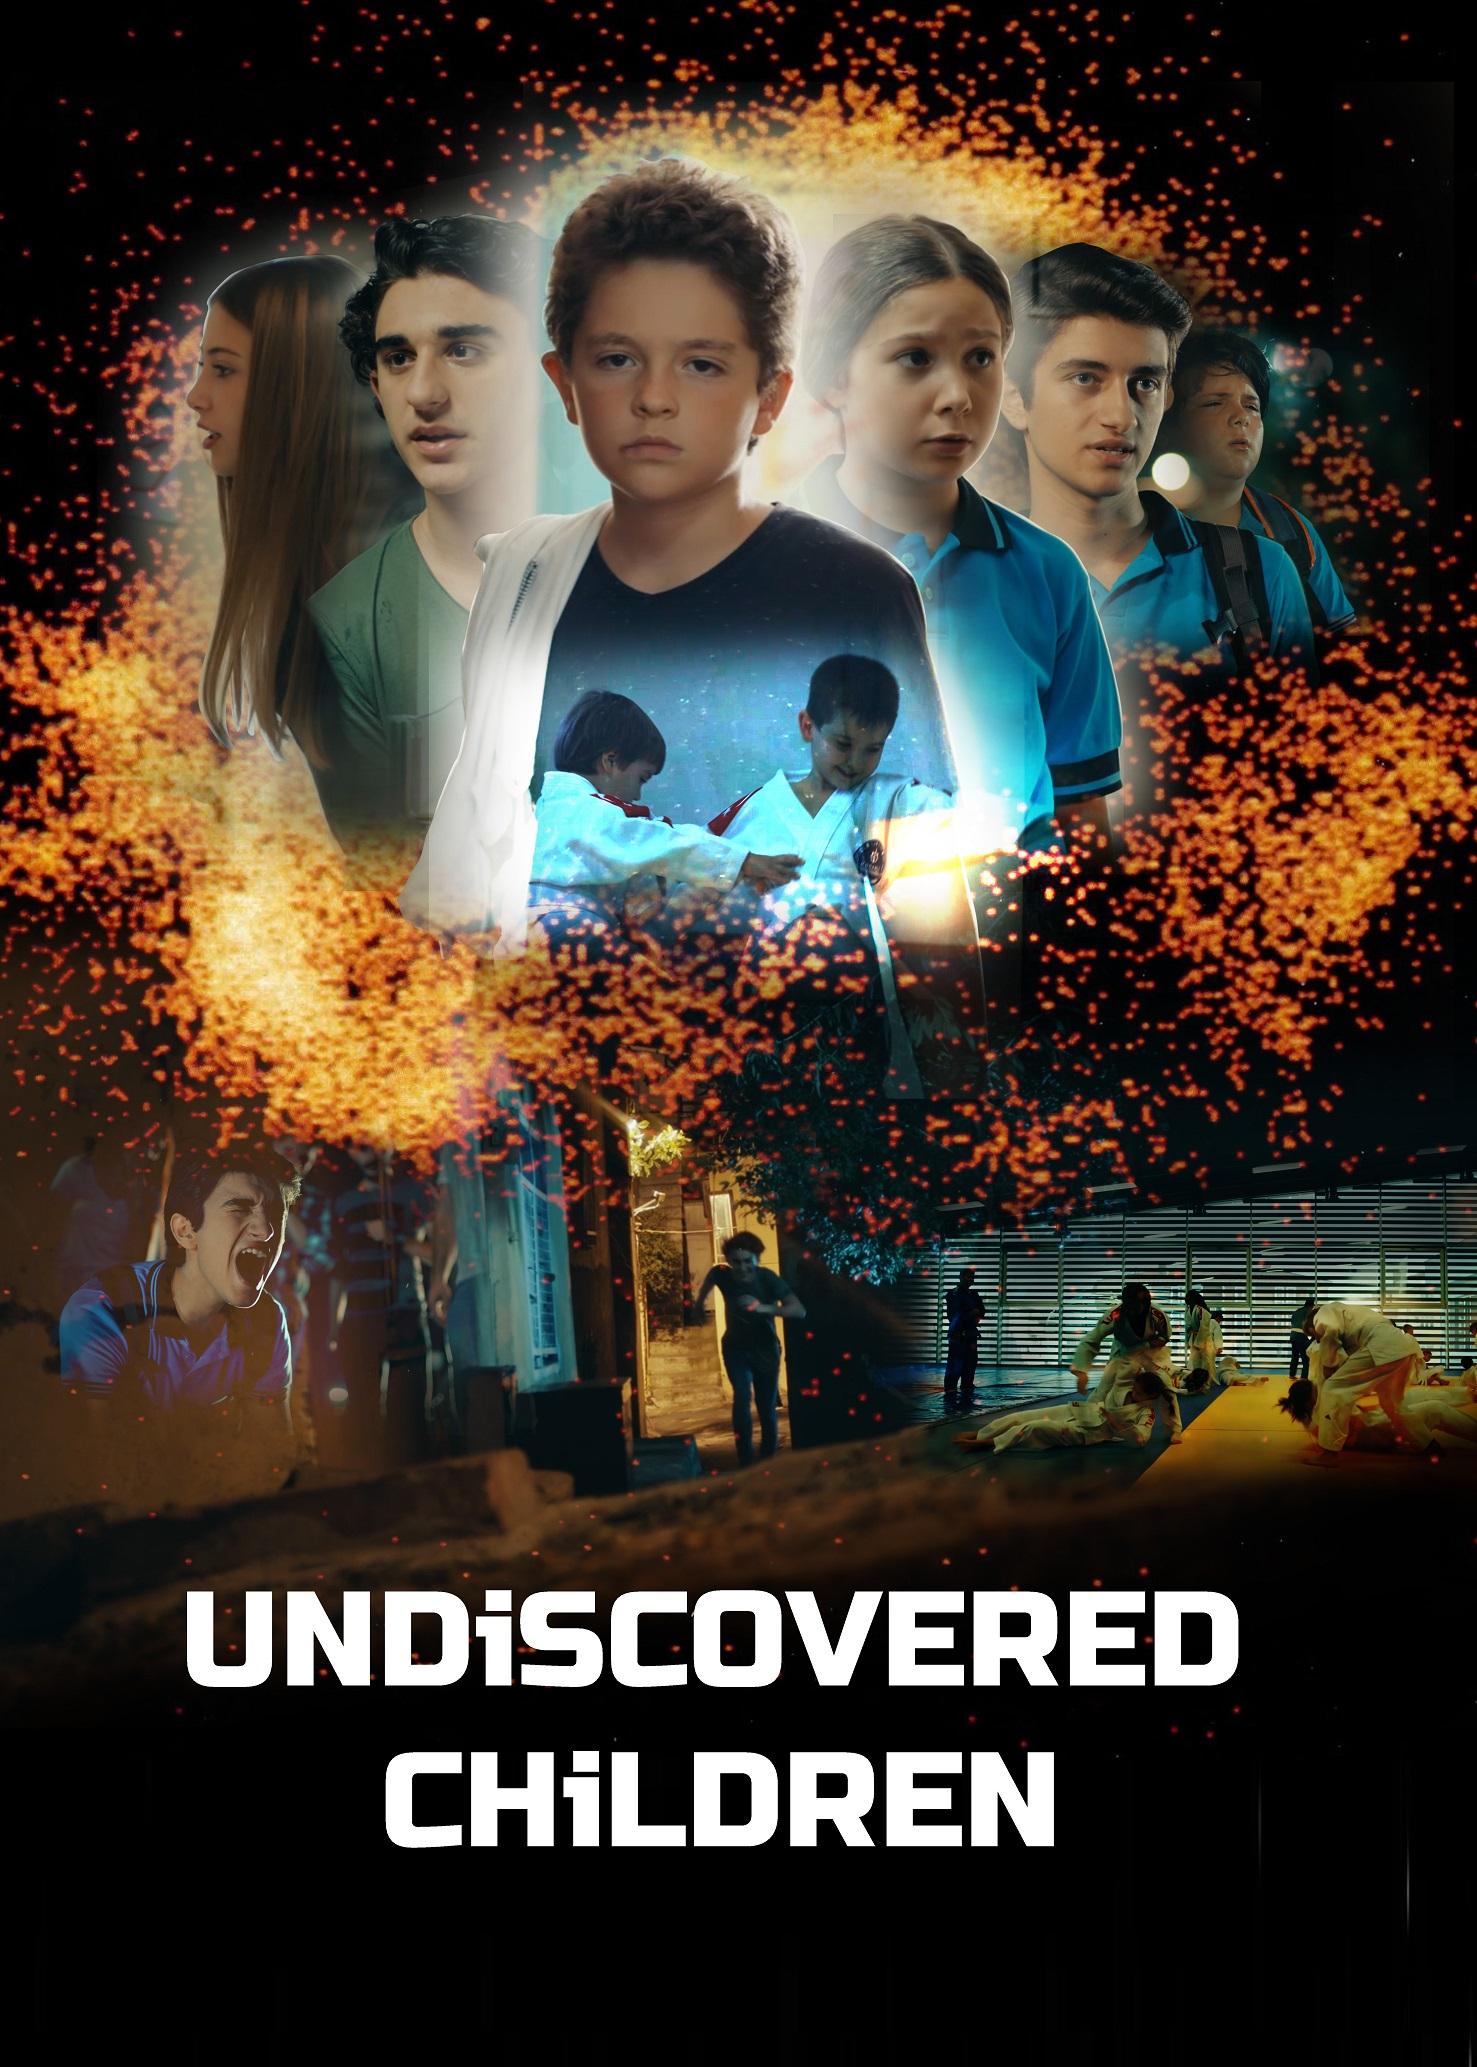 Undiscovered Children